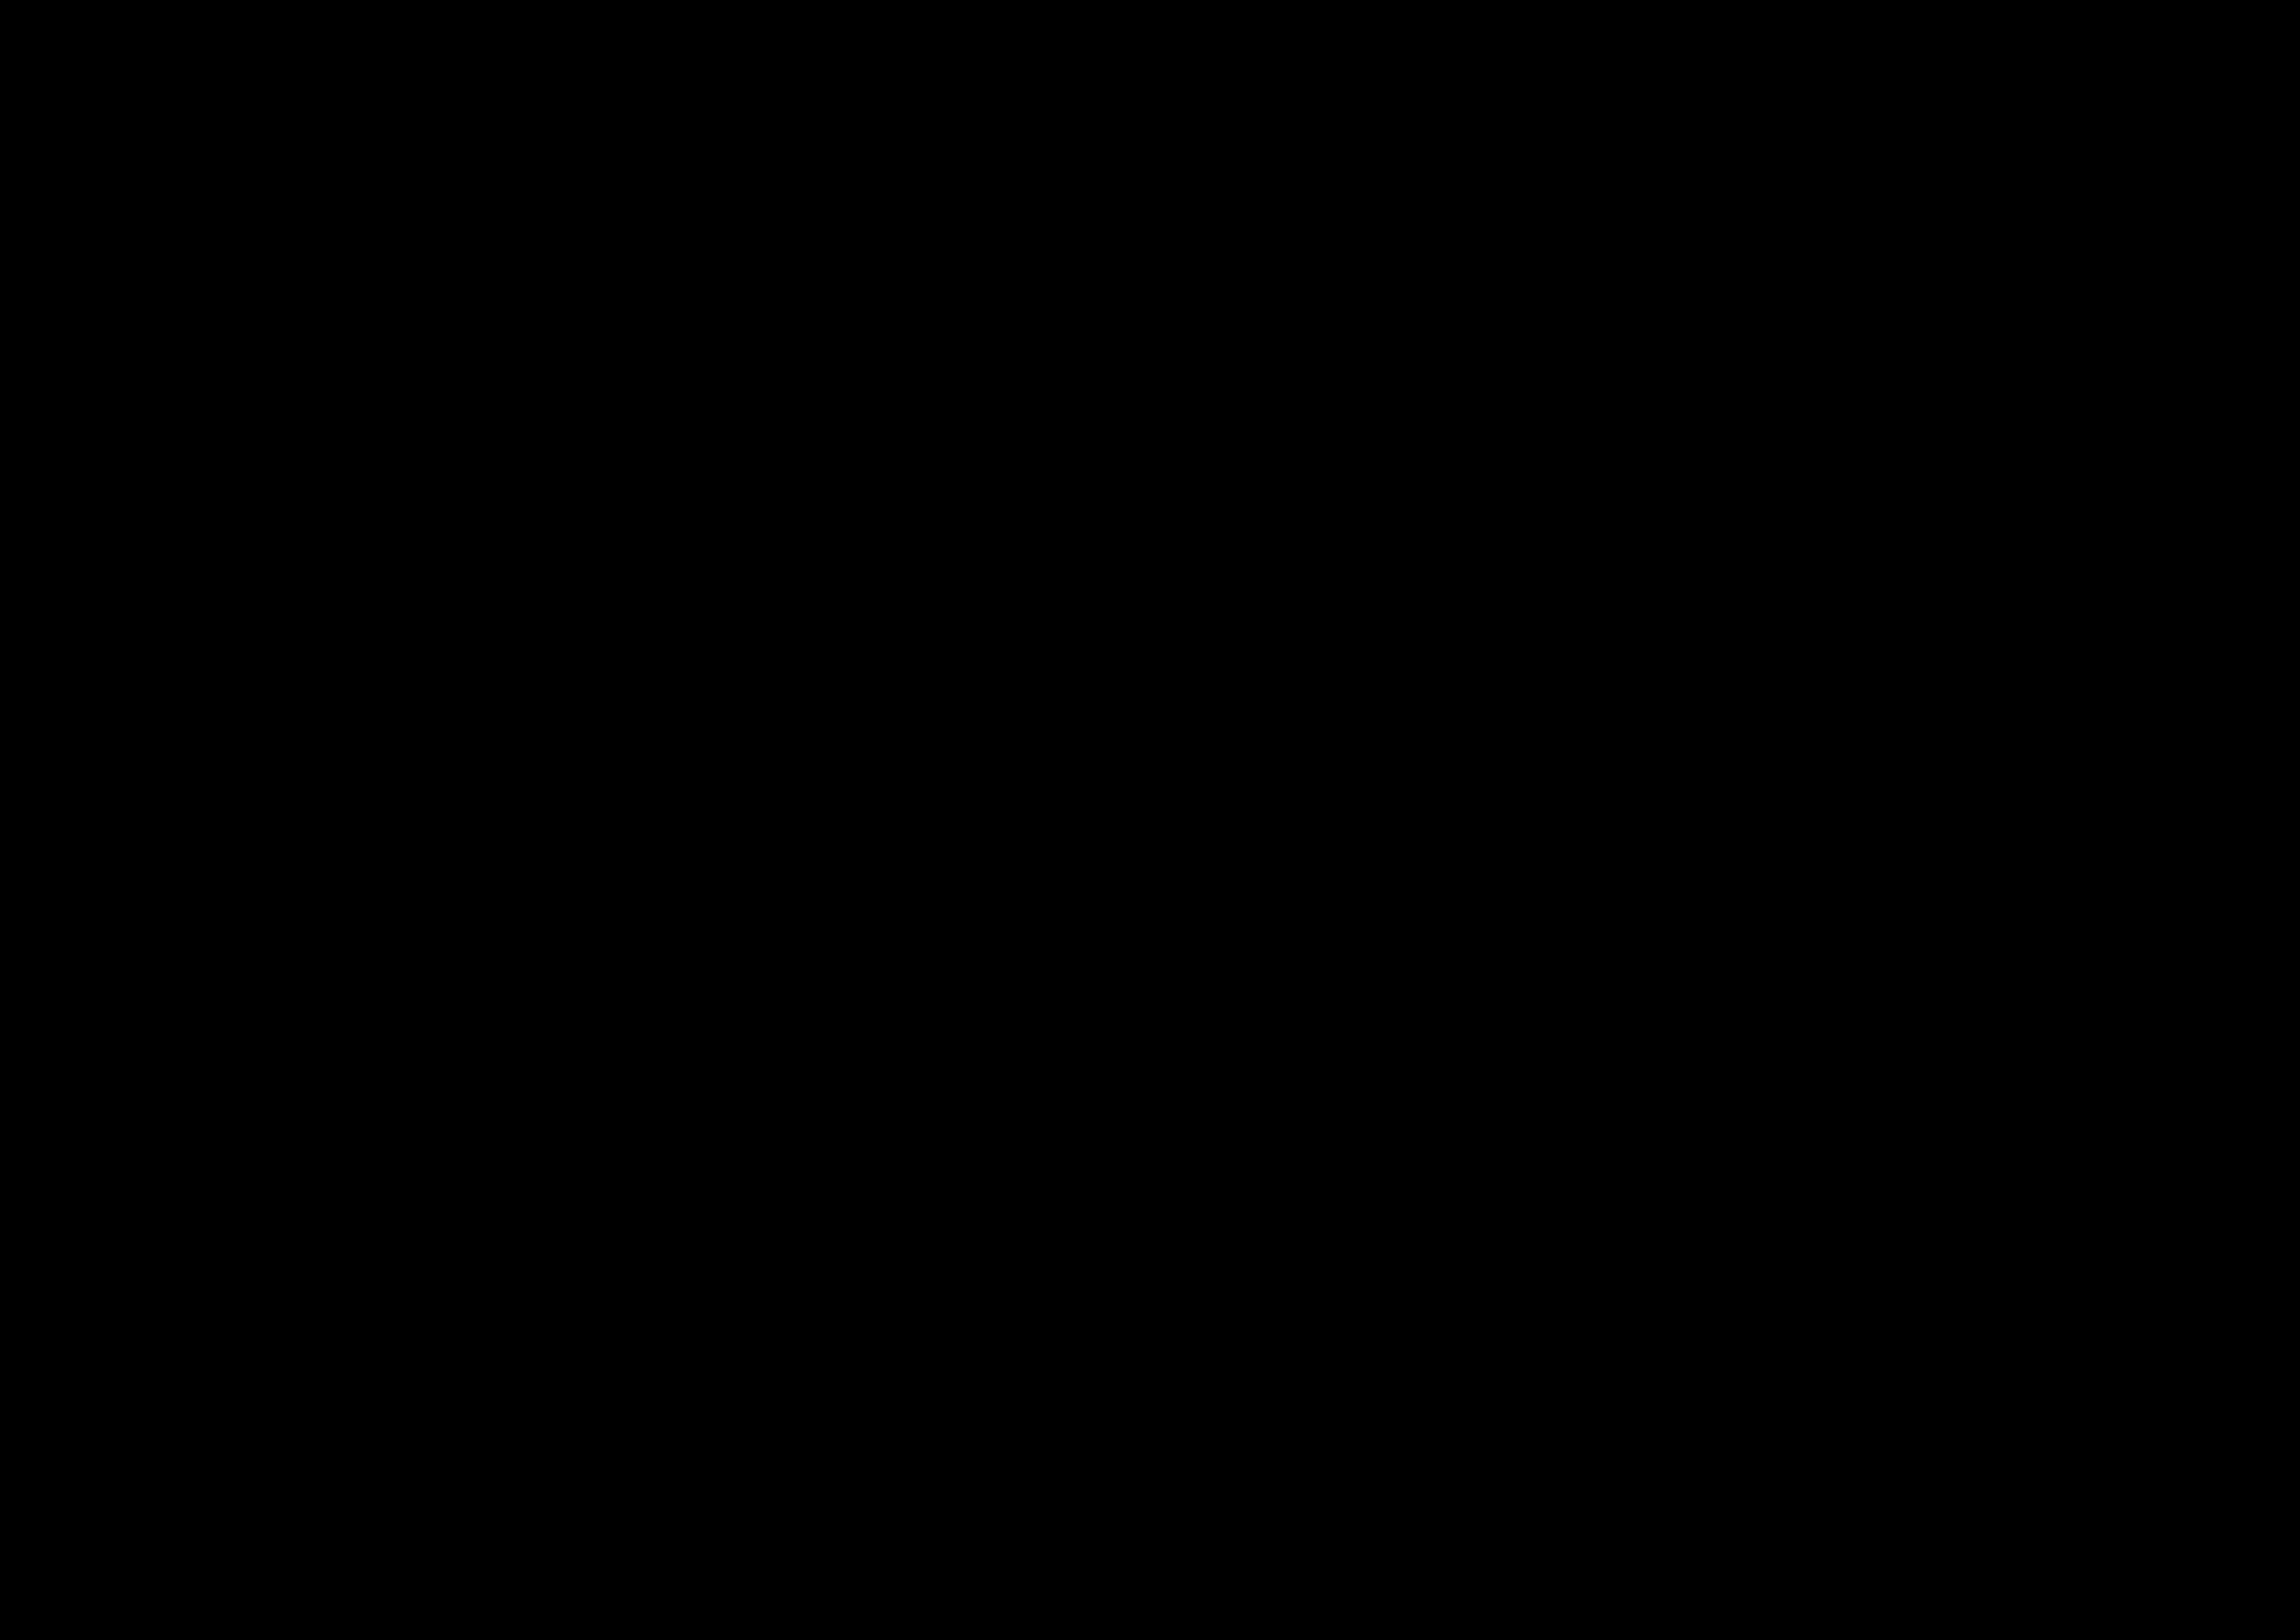 Večeře - Gastrofestival Hotelu Duo - výběr jídel